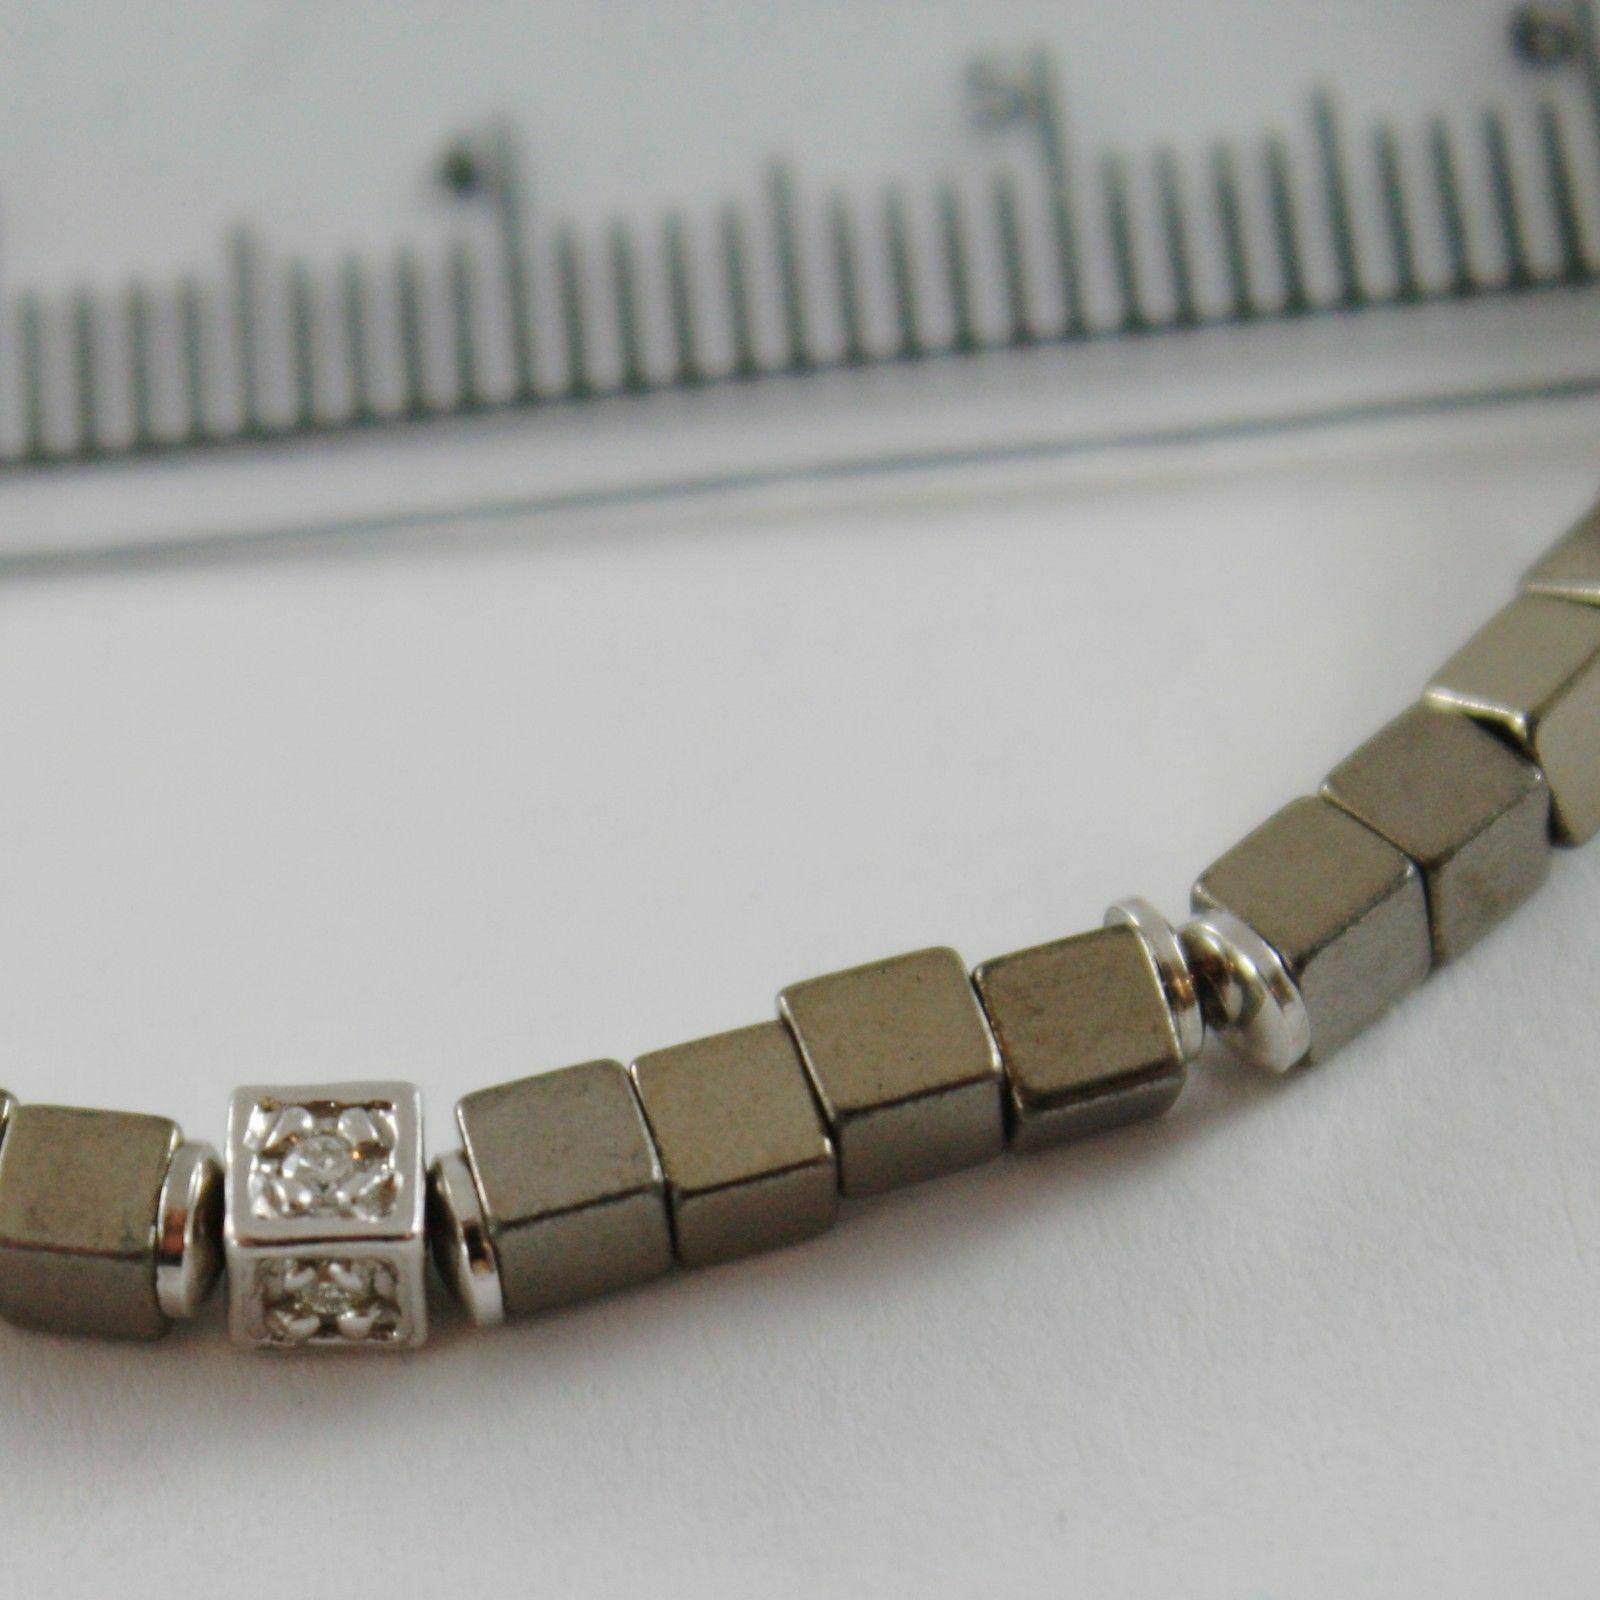 Armband Giadan aus Silber 925 Hämatit Glänzend und Diamanten Weiß Made in Italy image 2